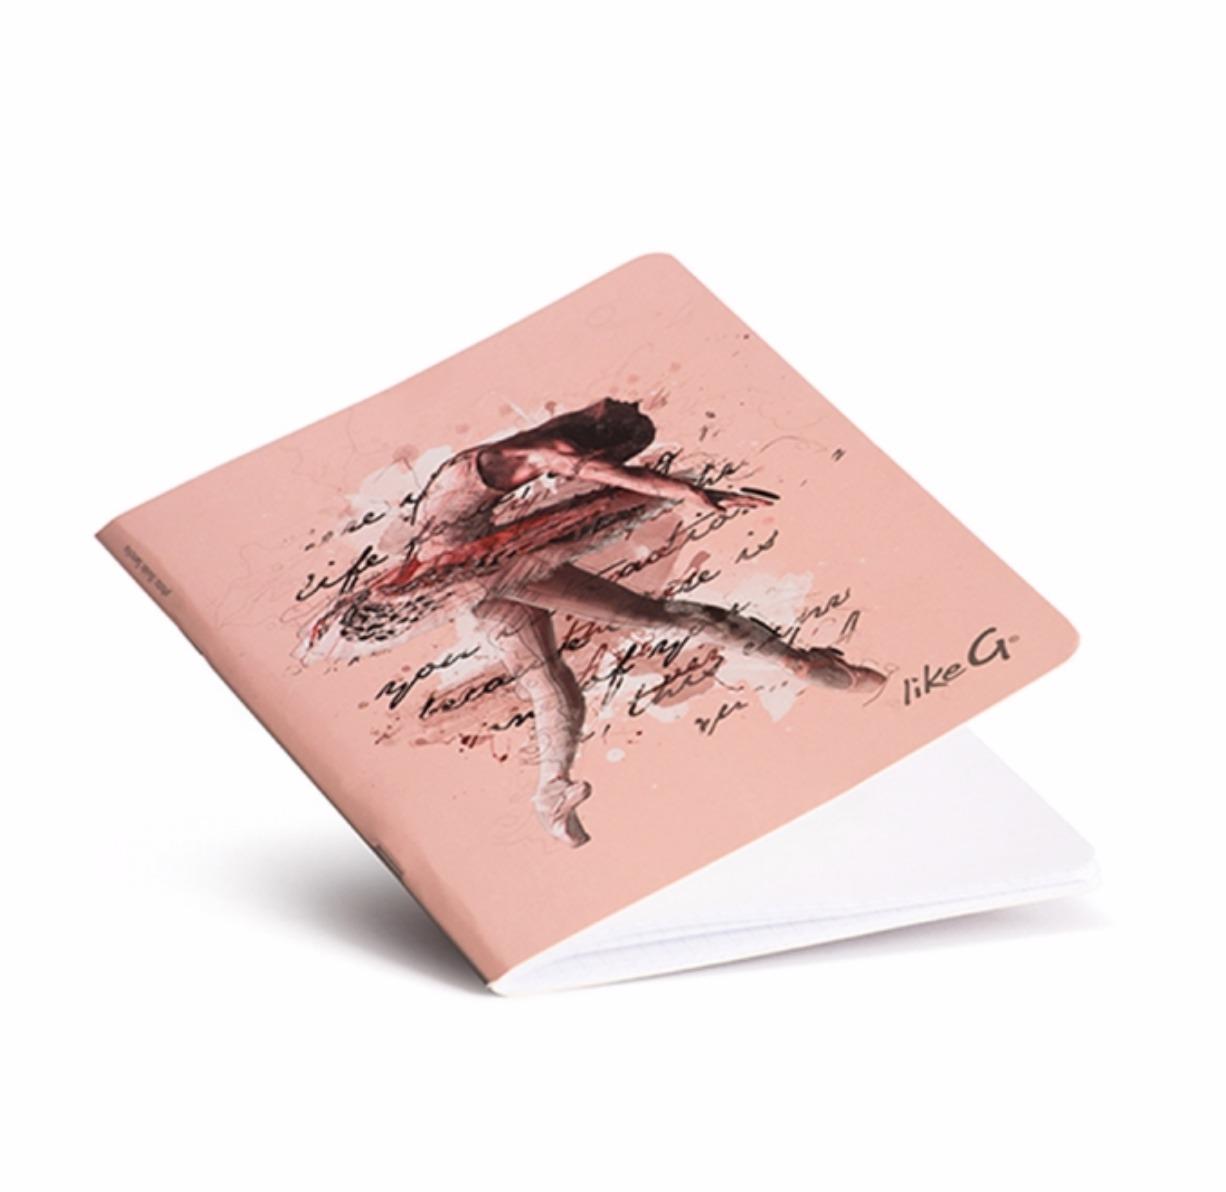 Vaaleanpunainen baletti -vihko